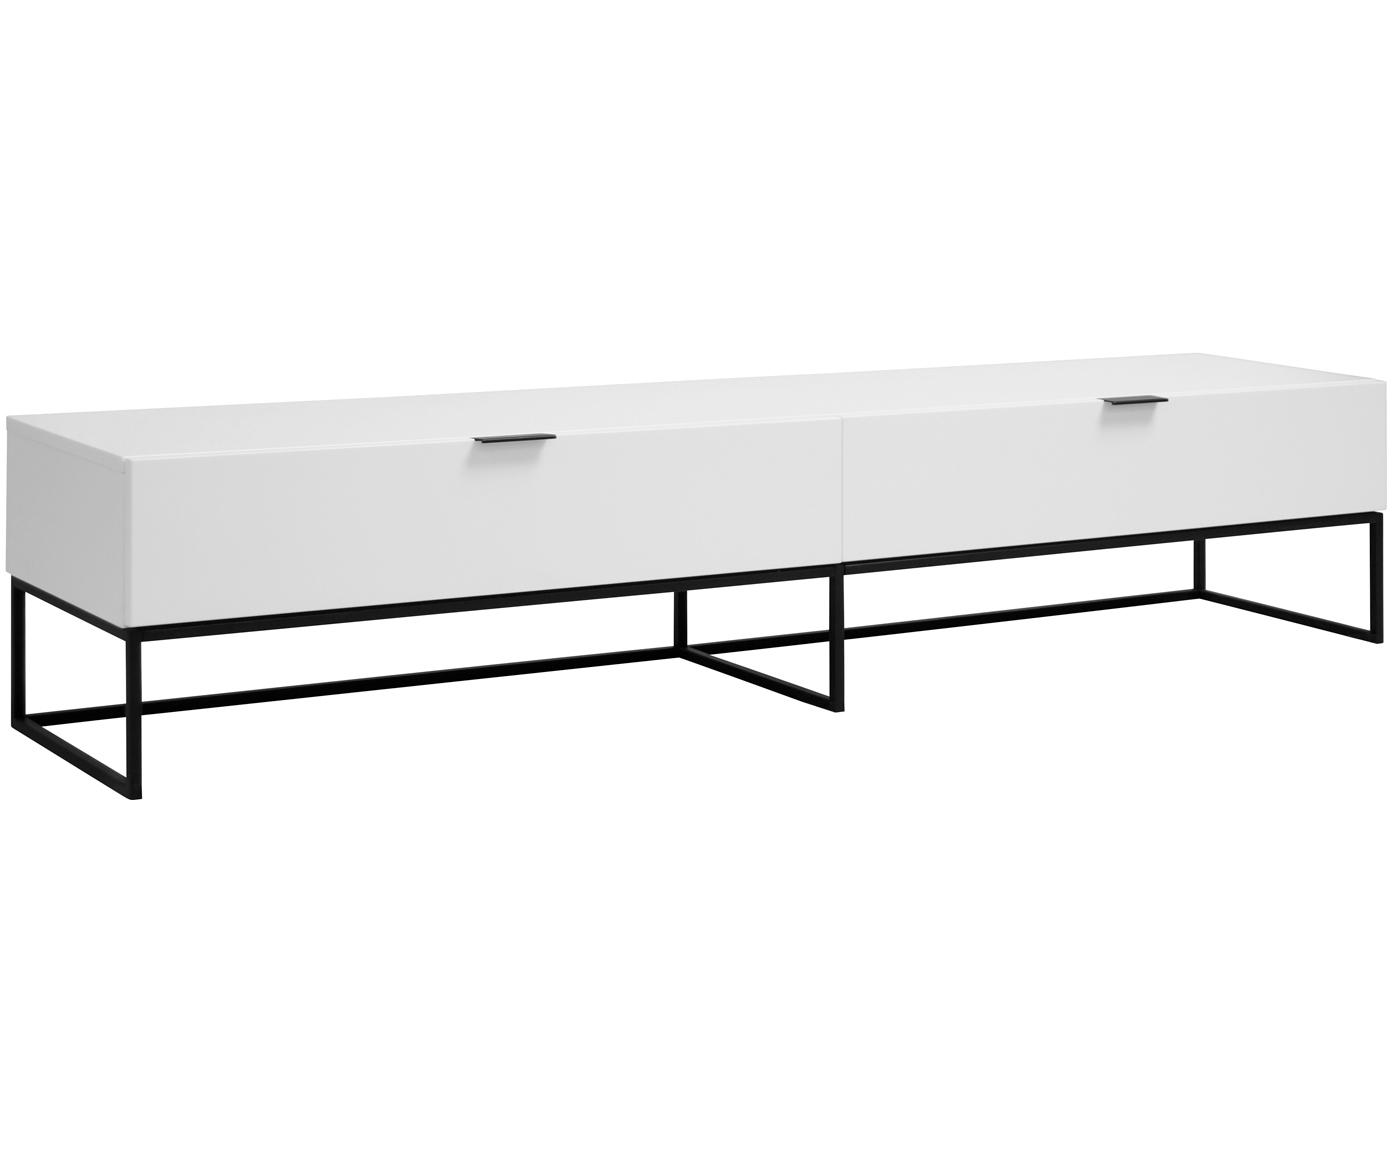 Szafka RTV Kobe, Korpus: biały, matowy Stelaż i uchwyty: czarny, matowy, S 200 x W 40 cm